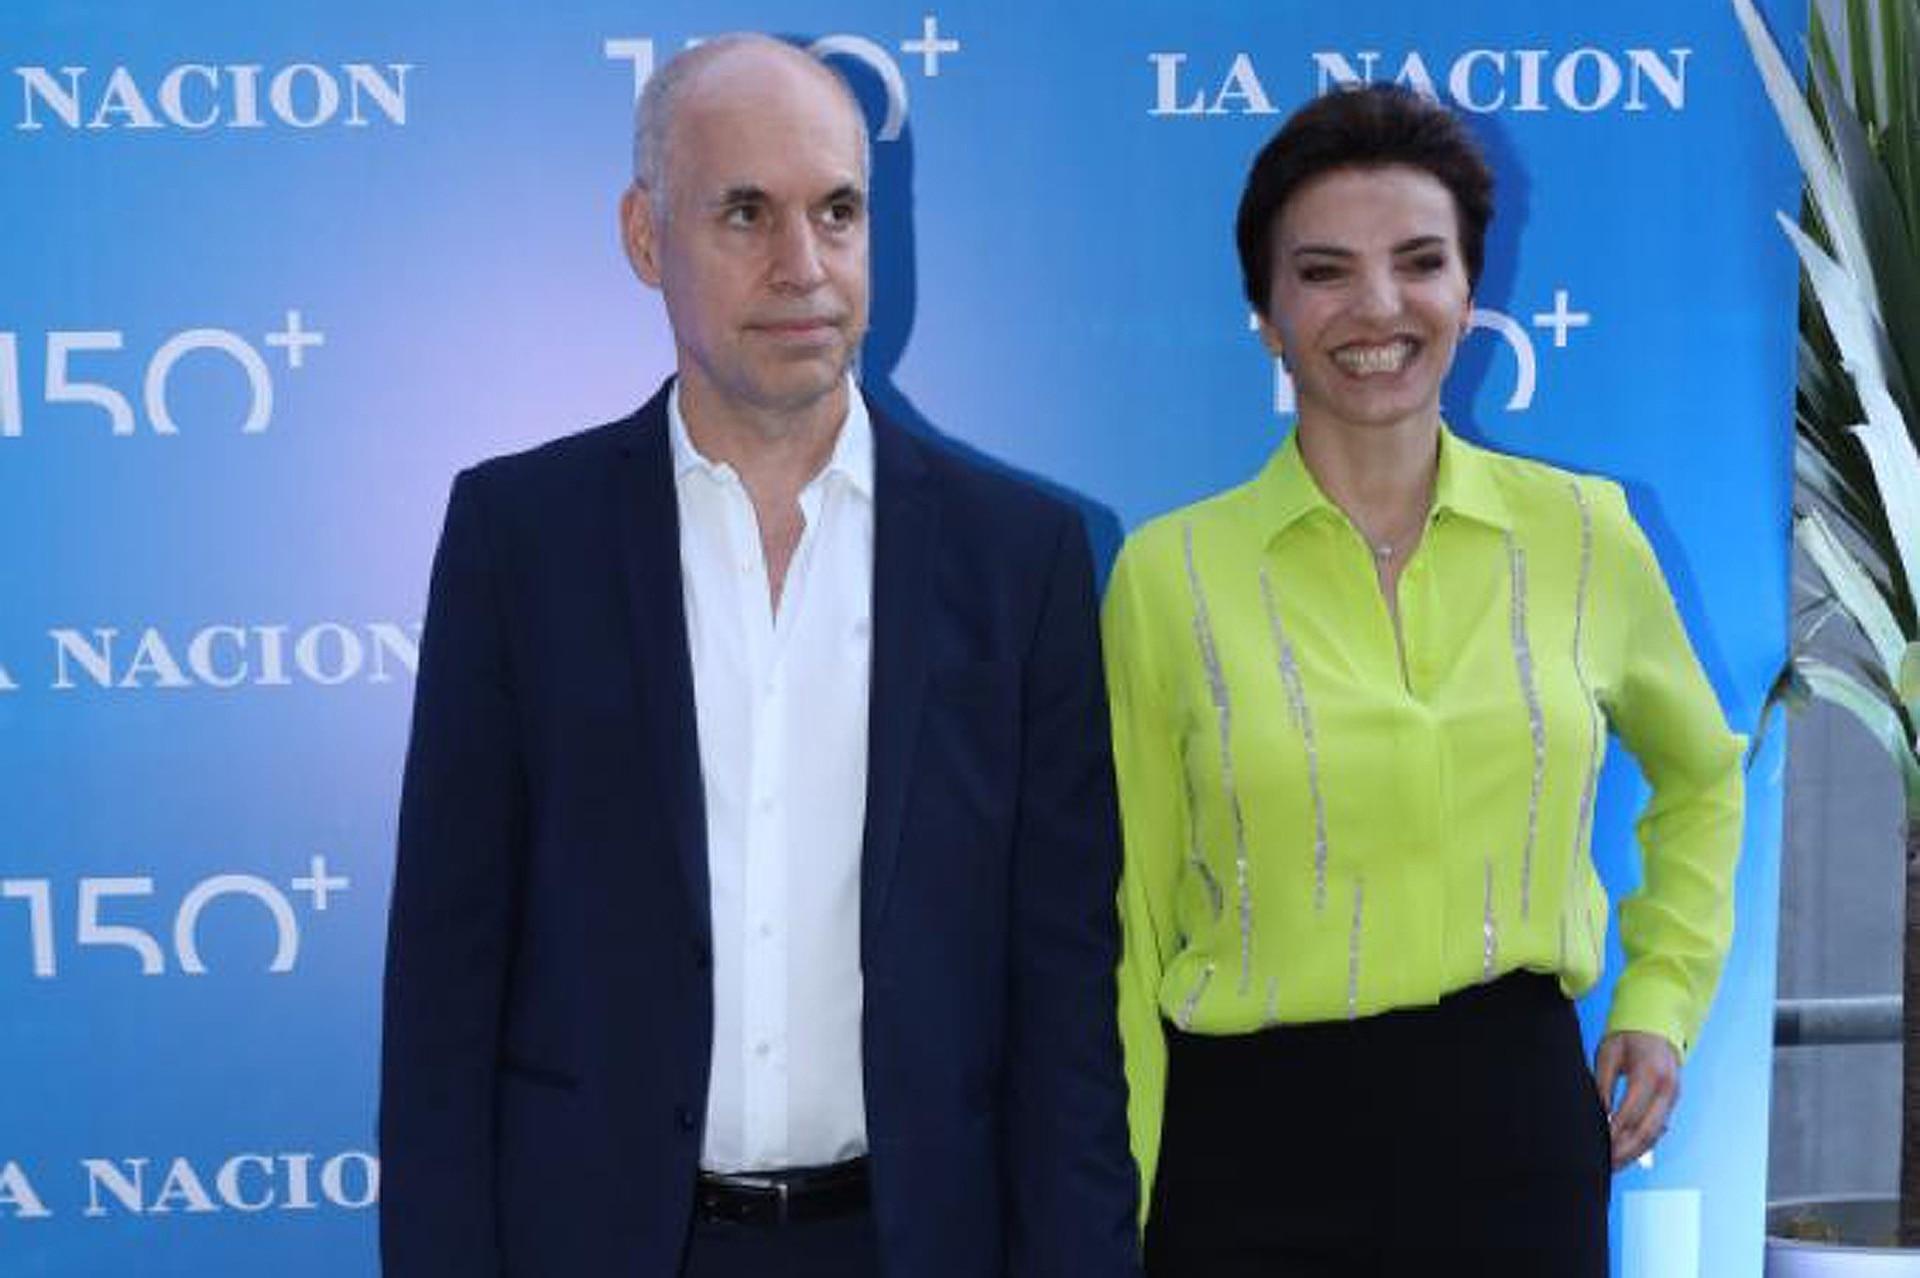 El jefe de Gobierno porteño, Horacio Rodríguez Larreta, junto a su mujer, la wedding planner Bárbara Diez